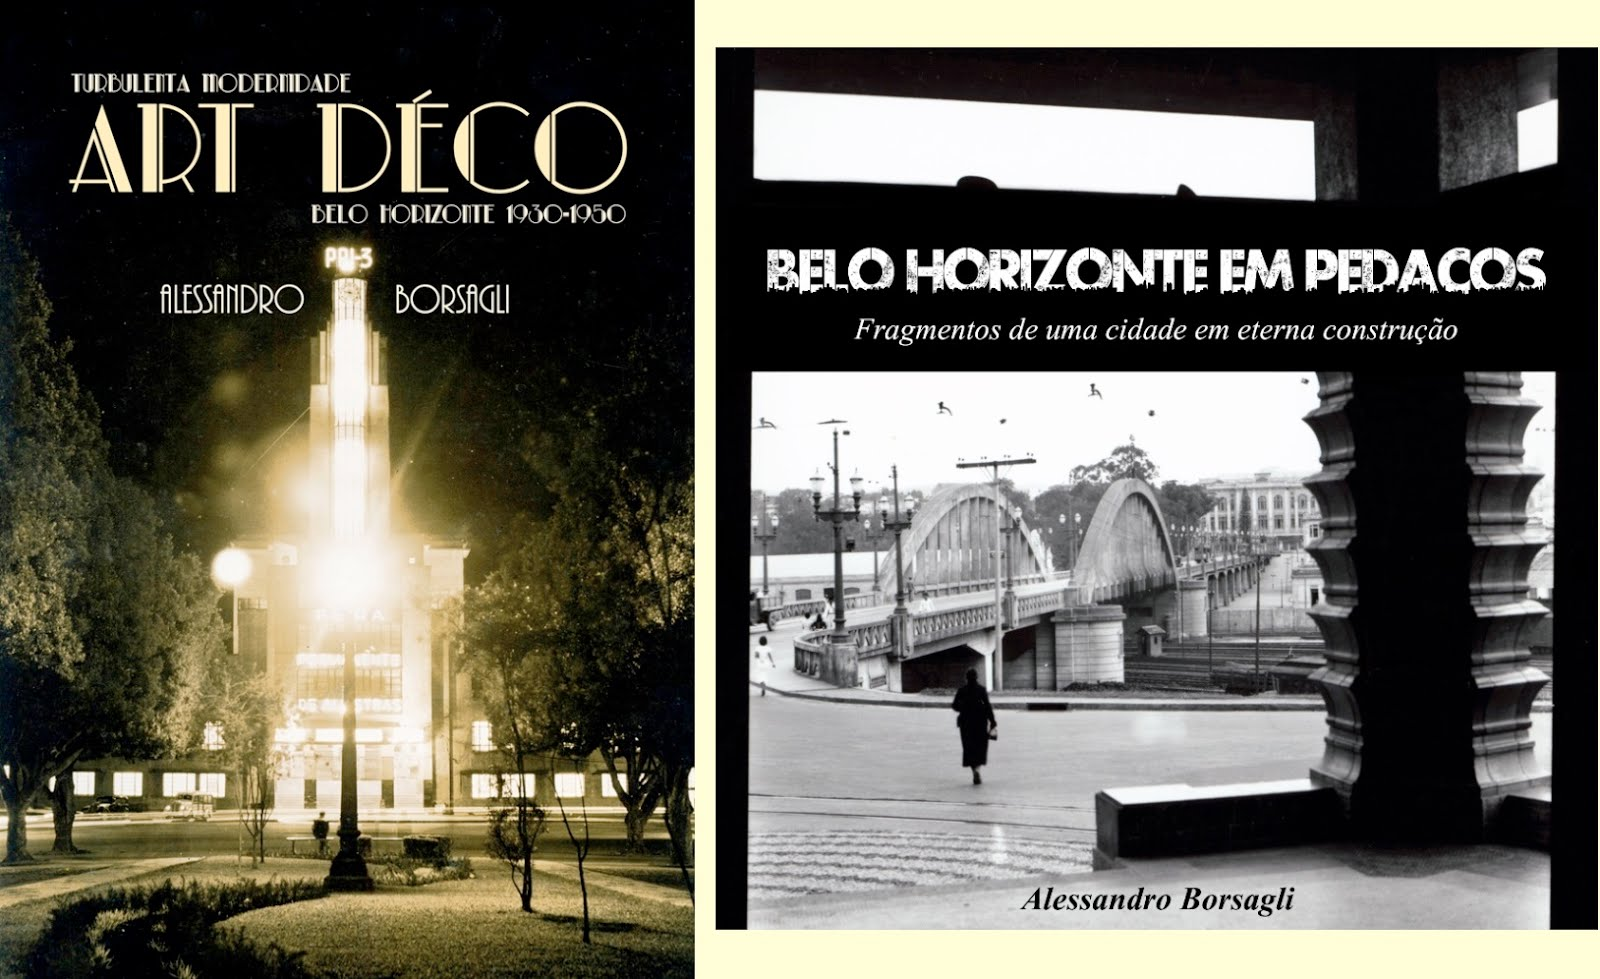 """Livros """"Turbulenta modernidade: o Art déco em BH"""" e """"Belo Horizonte em pedaços"""" a venda"""